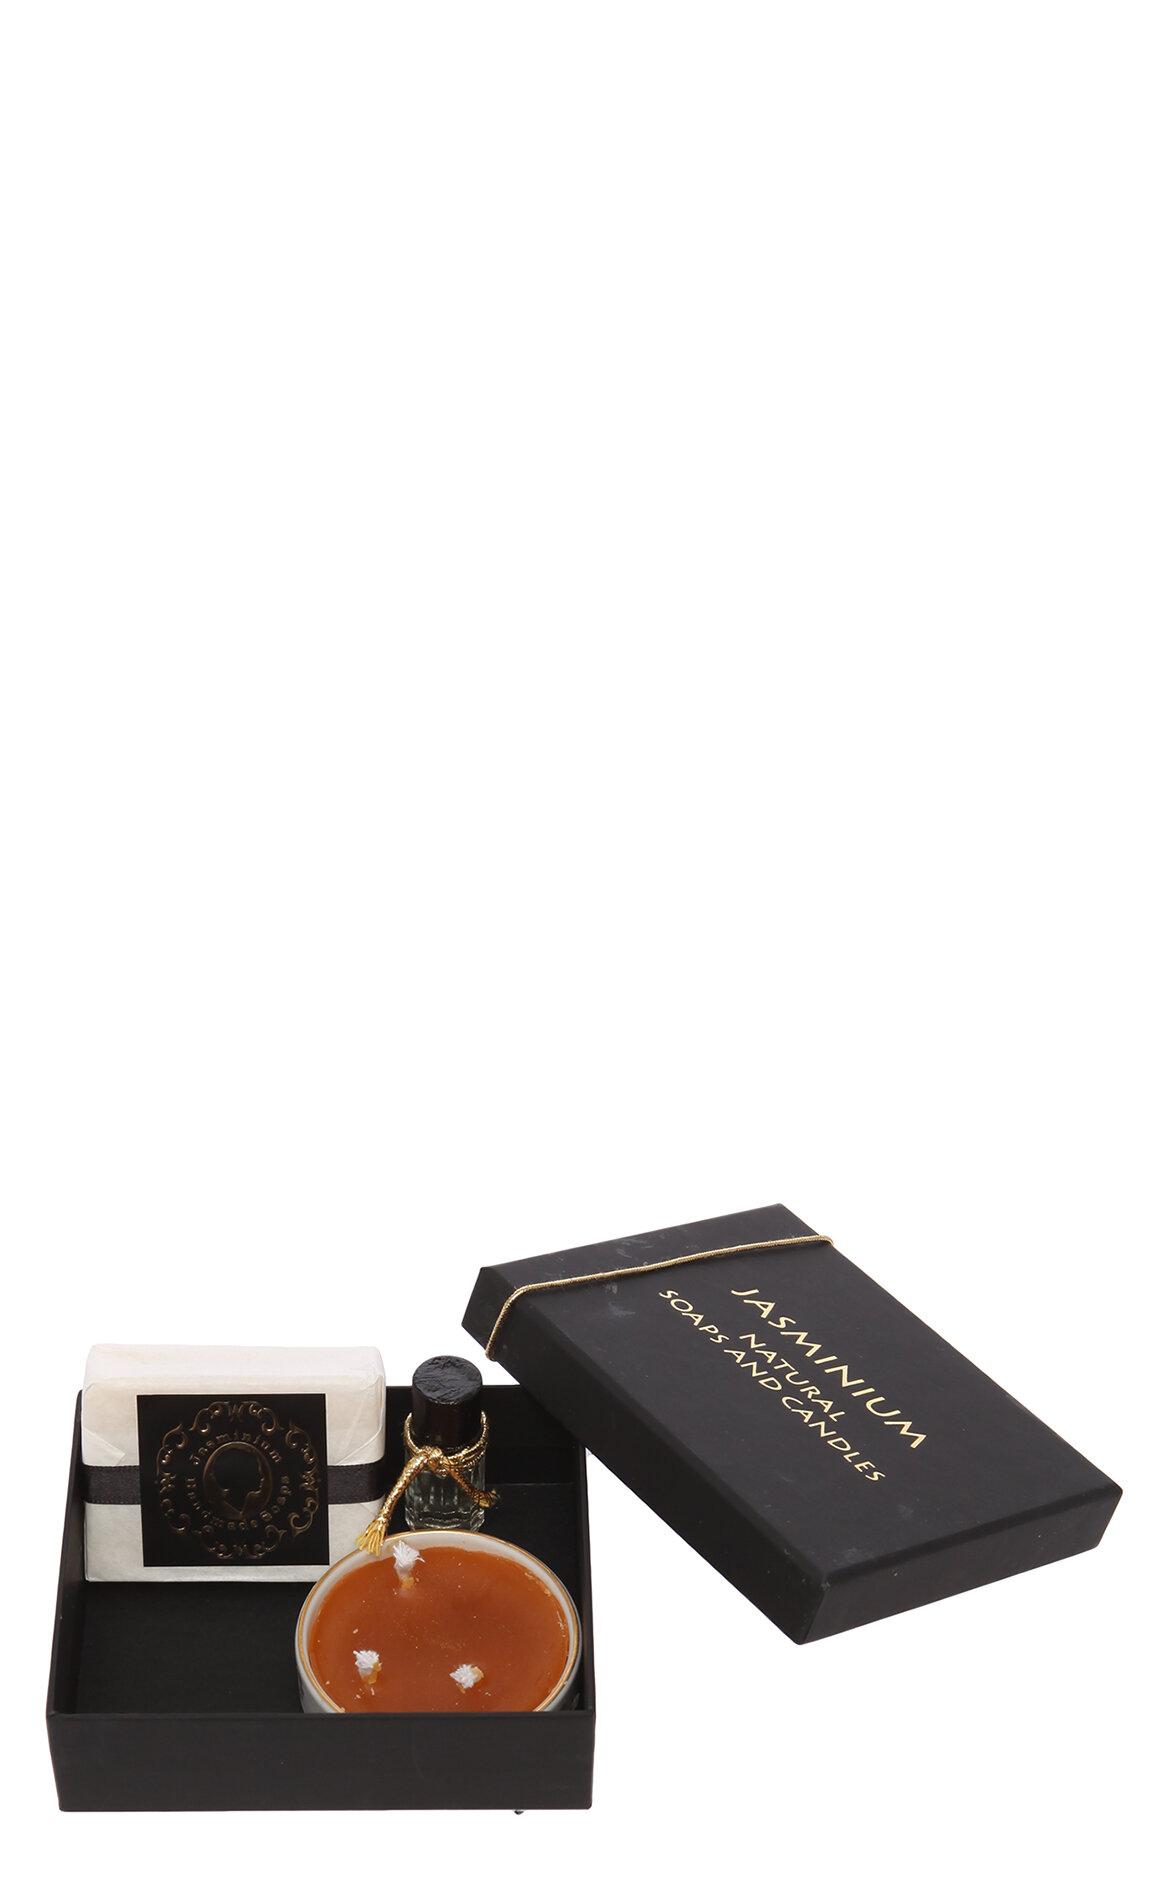 Jasminium Mum & Sabun & Parfum Seti - Yasemin